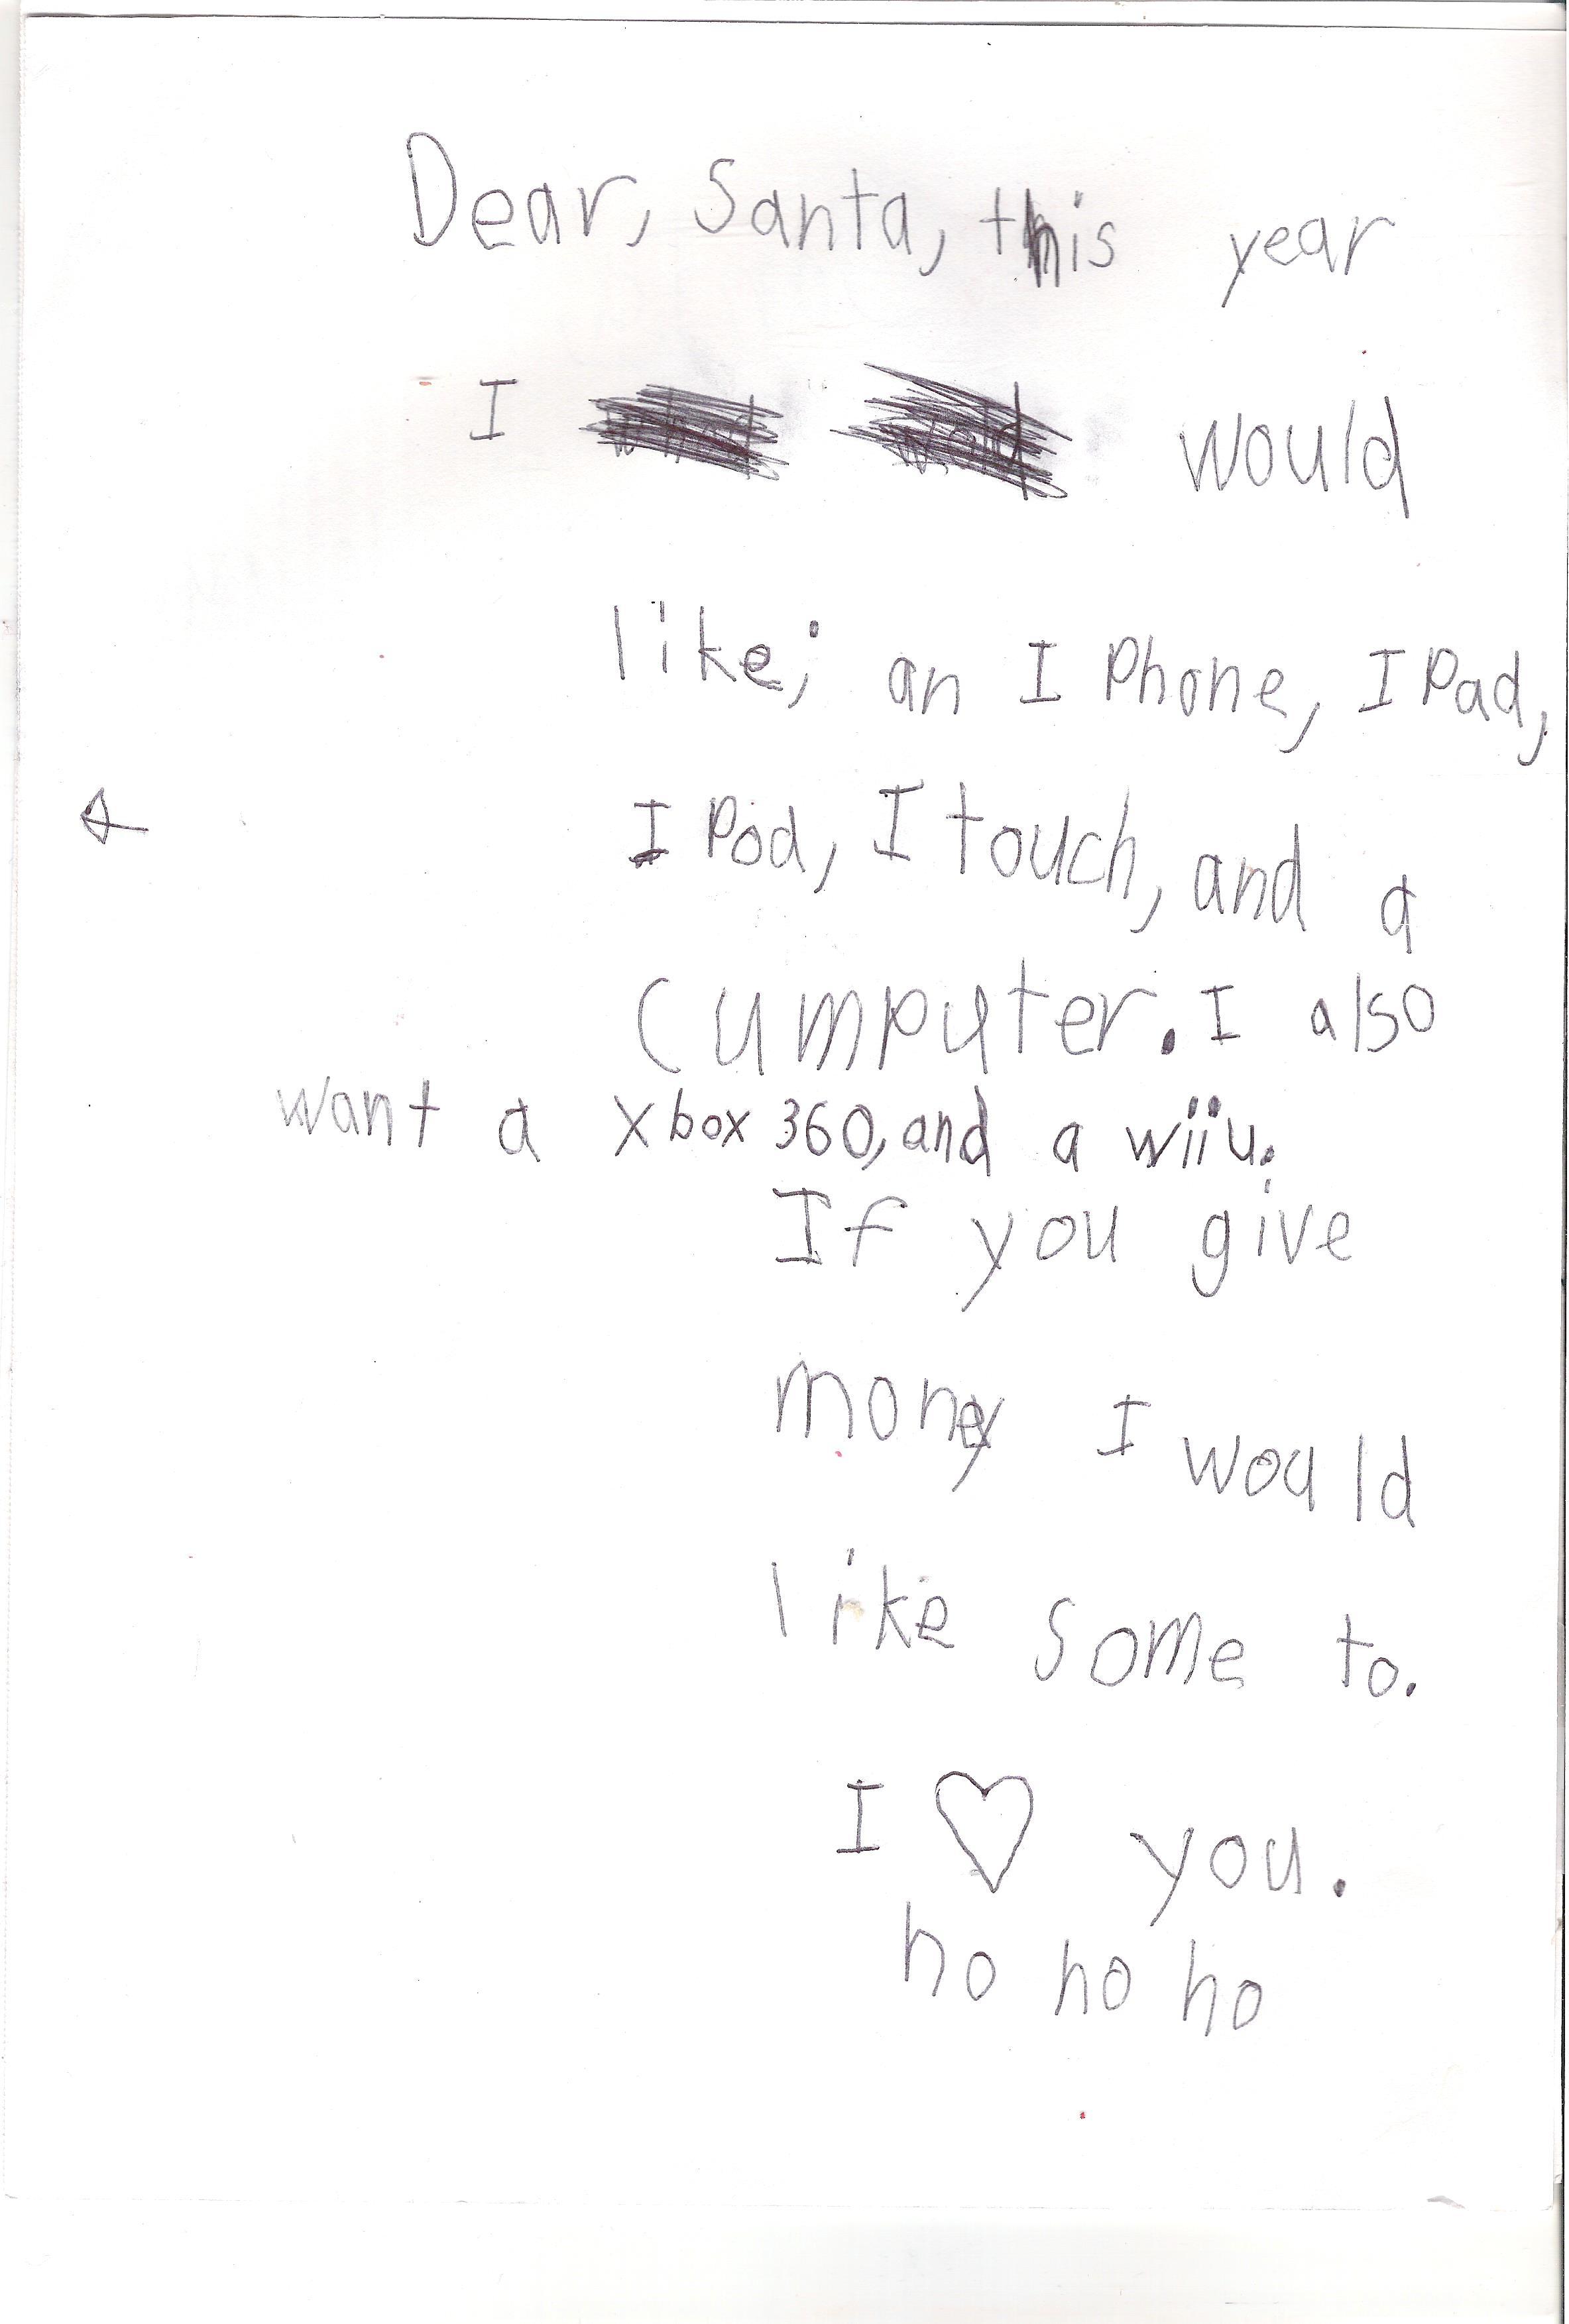 Stuff Kids Write Like Stuff Adults Write But Funnier